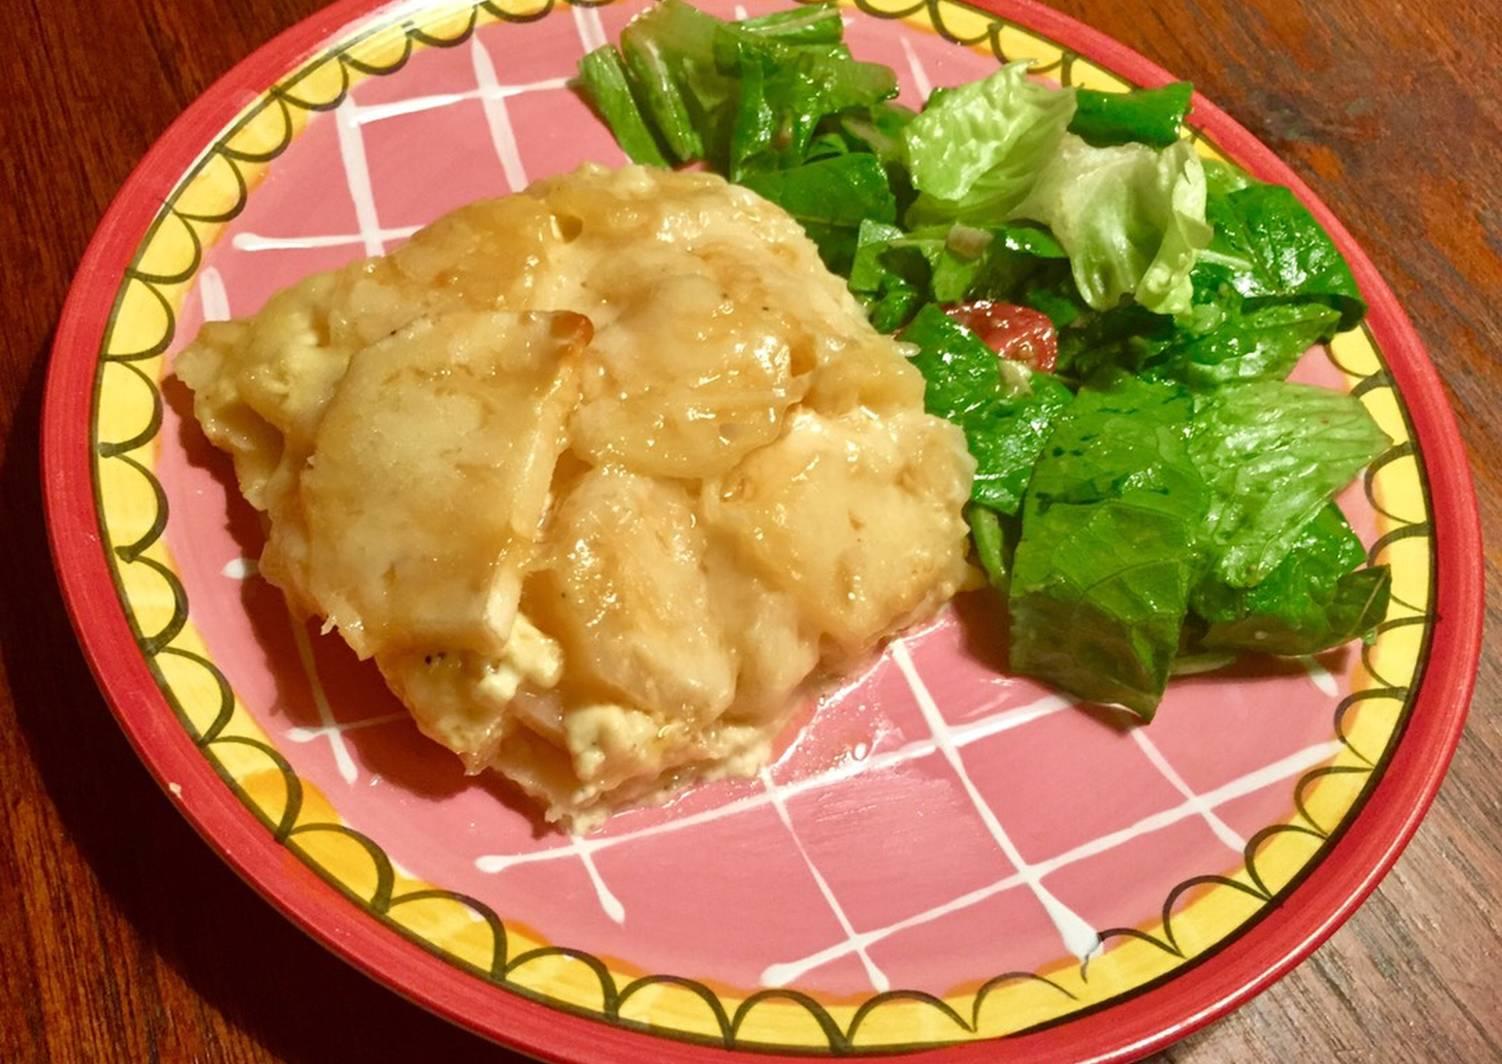 фото рецепты, блюда из пастернака рецепты с фото танцах льду анна